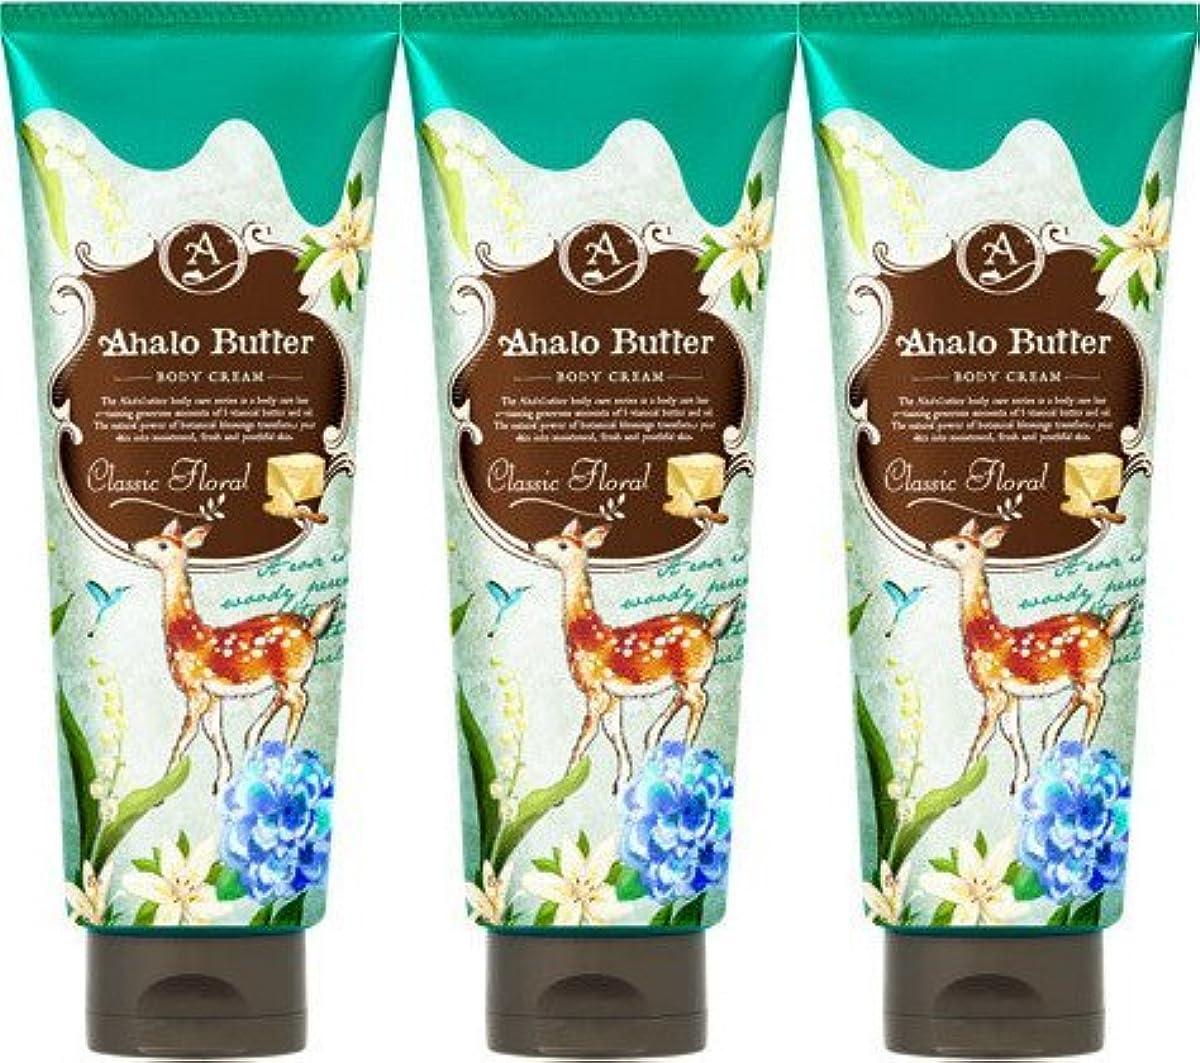 かもめ階層シード【3個セット】Ahalo butter(アハロバター) ボディクリーム クラシックフローラル 150g